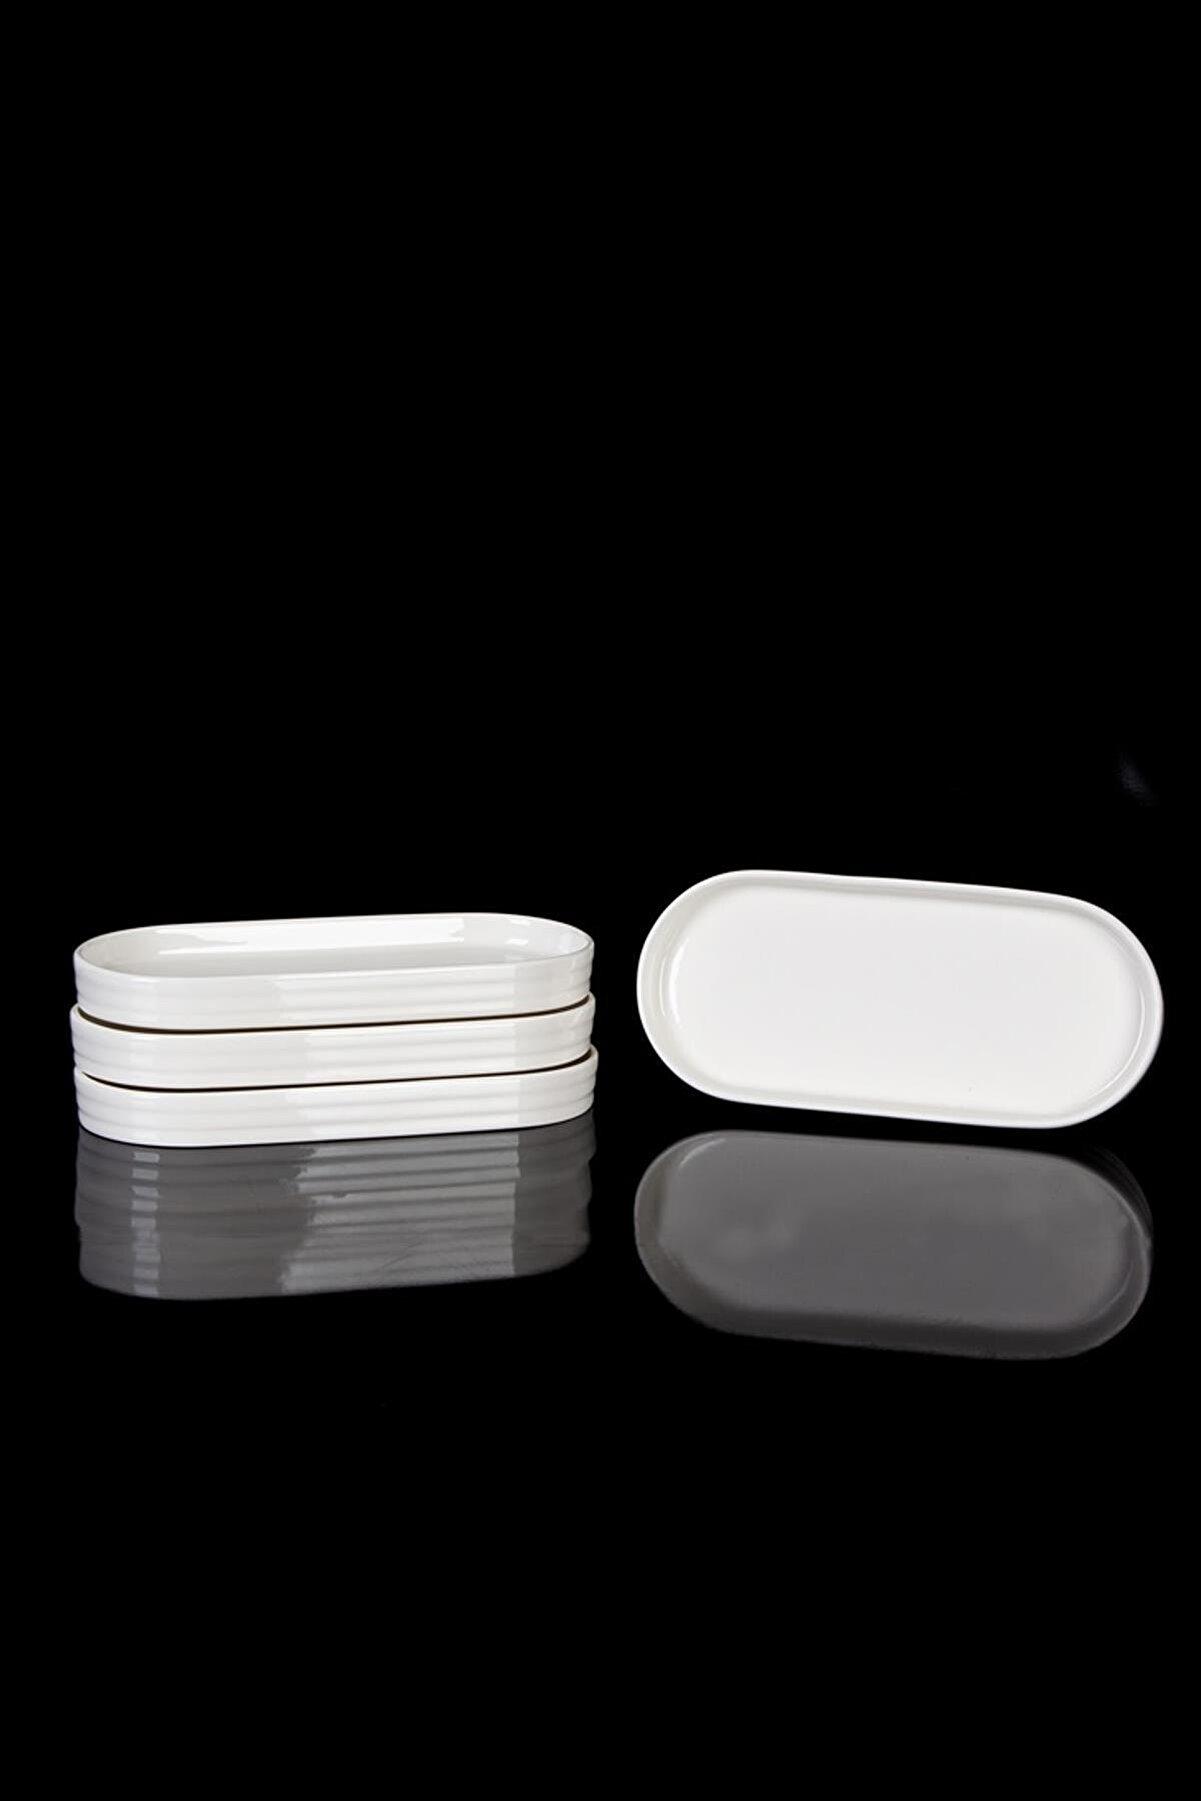 ACAR Bianca Perla 6lı Porselen Oval Servis Tabak - 20.5 Cm